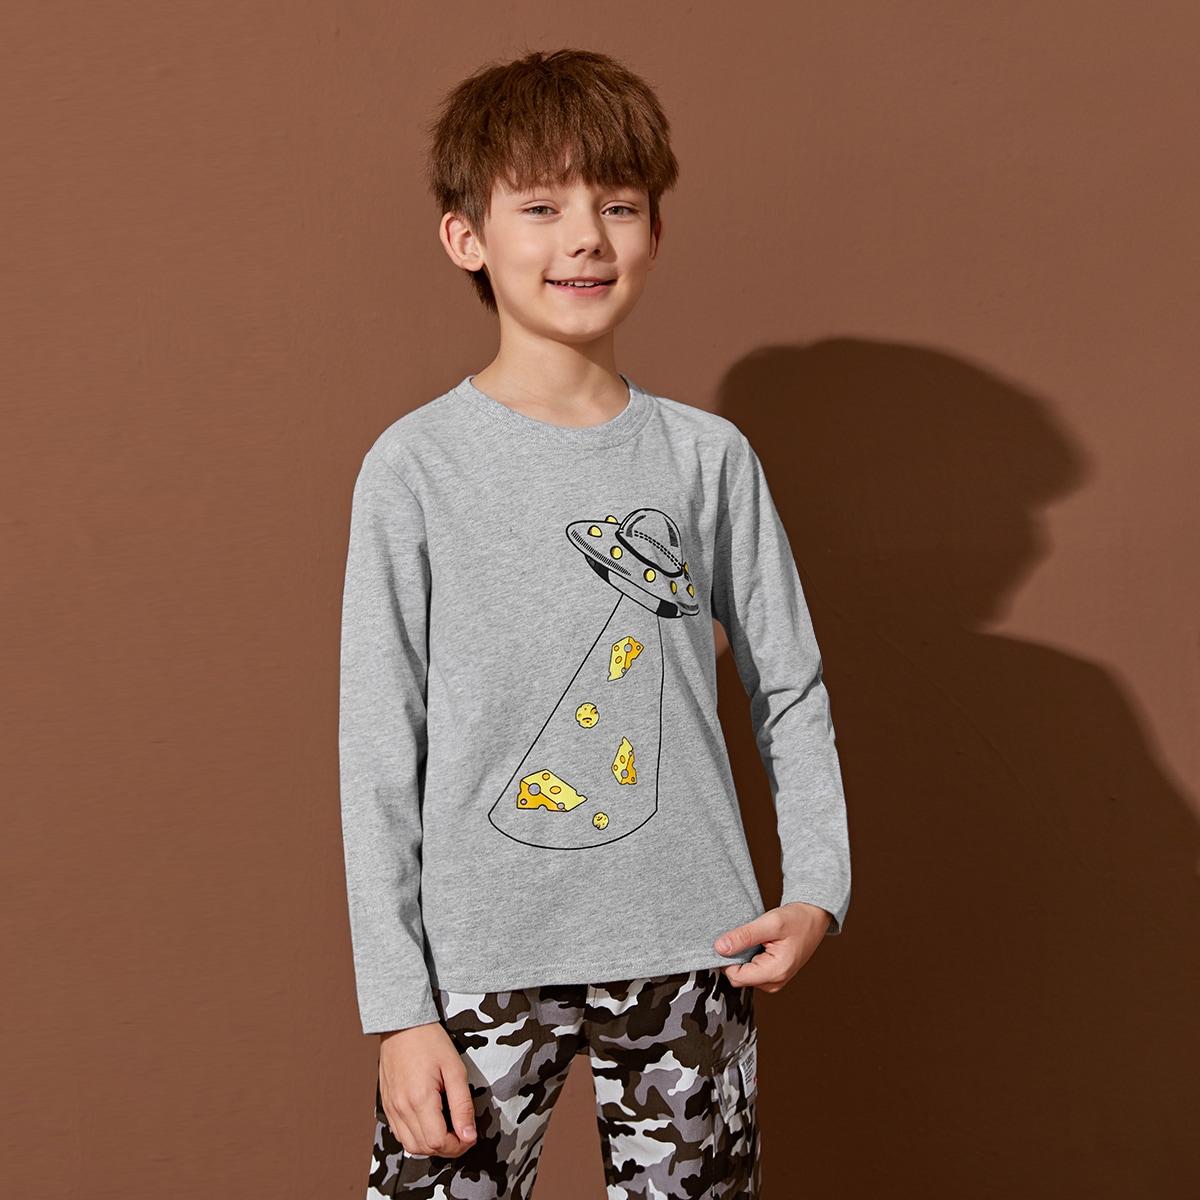 Графический повседневный футболки для мальчиков